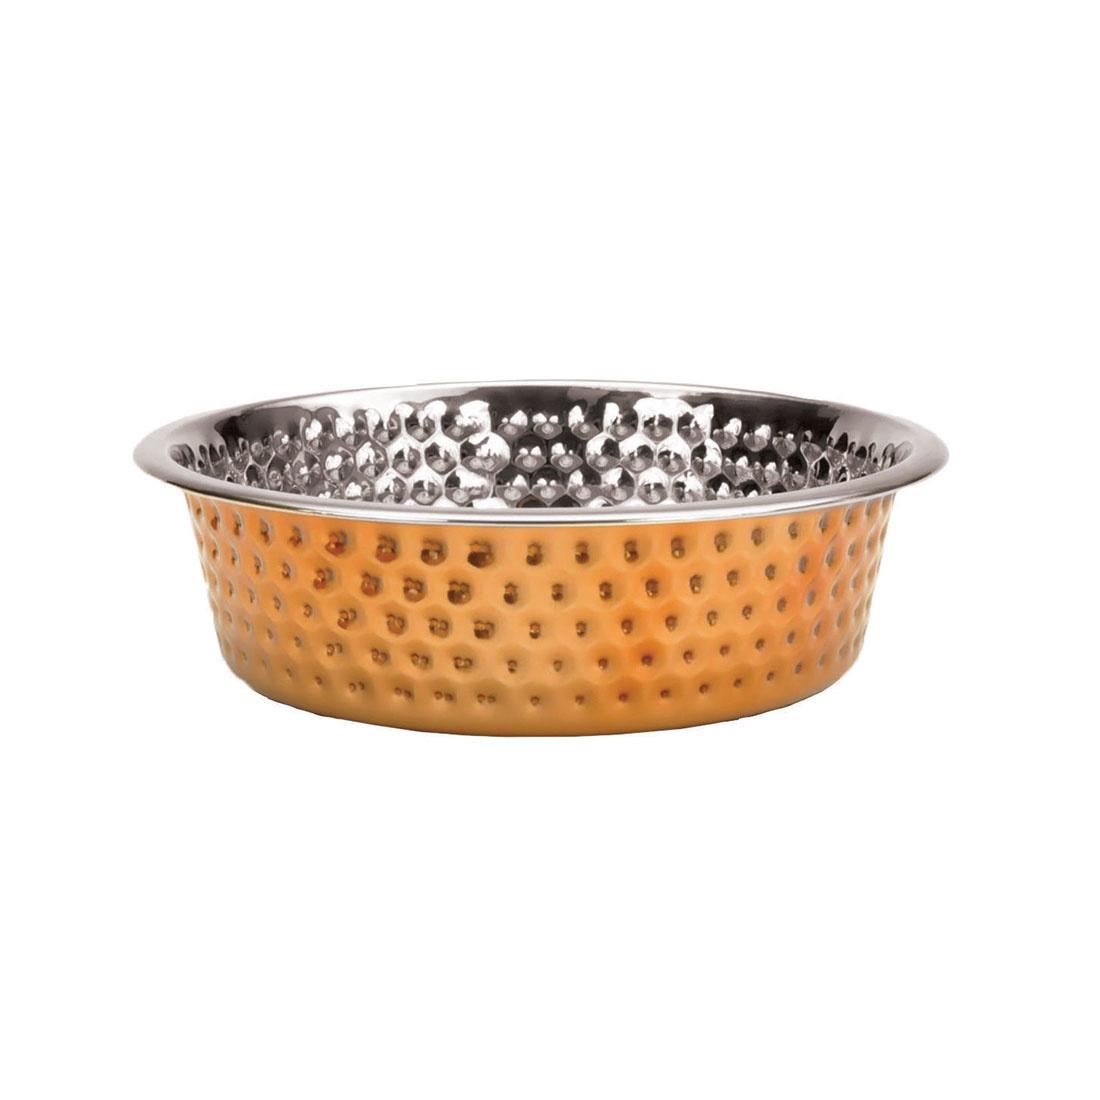 Maslow Hammered Bowl 9.25